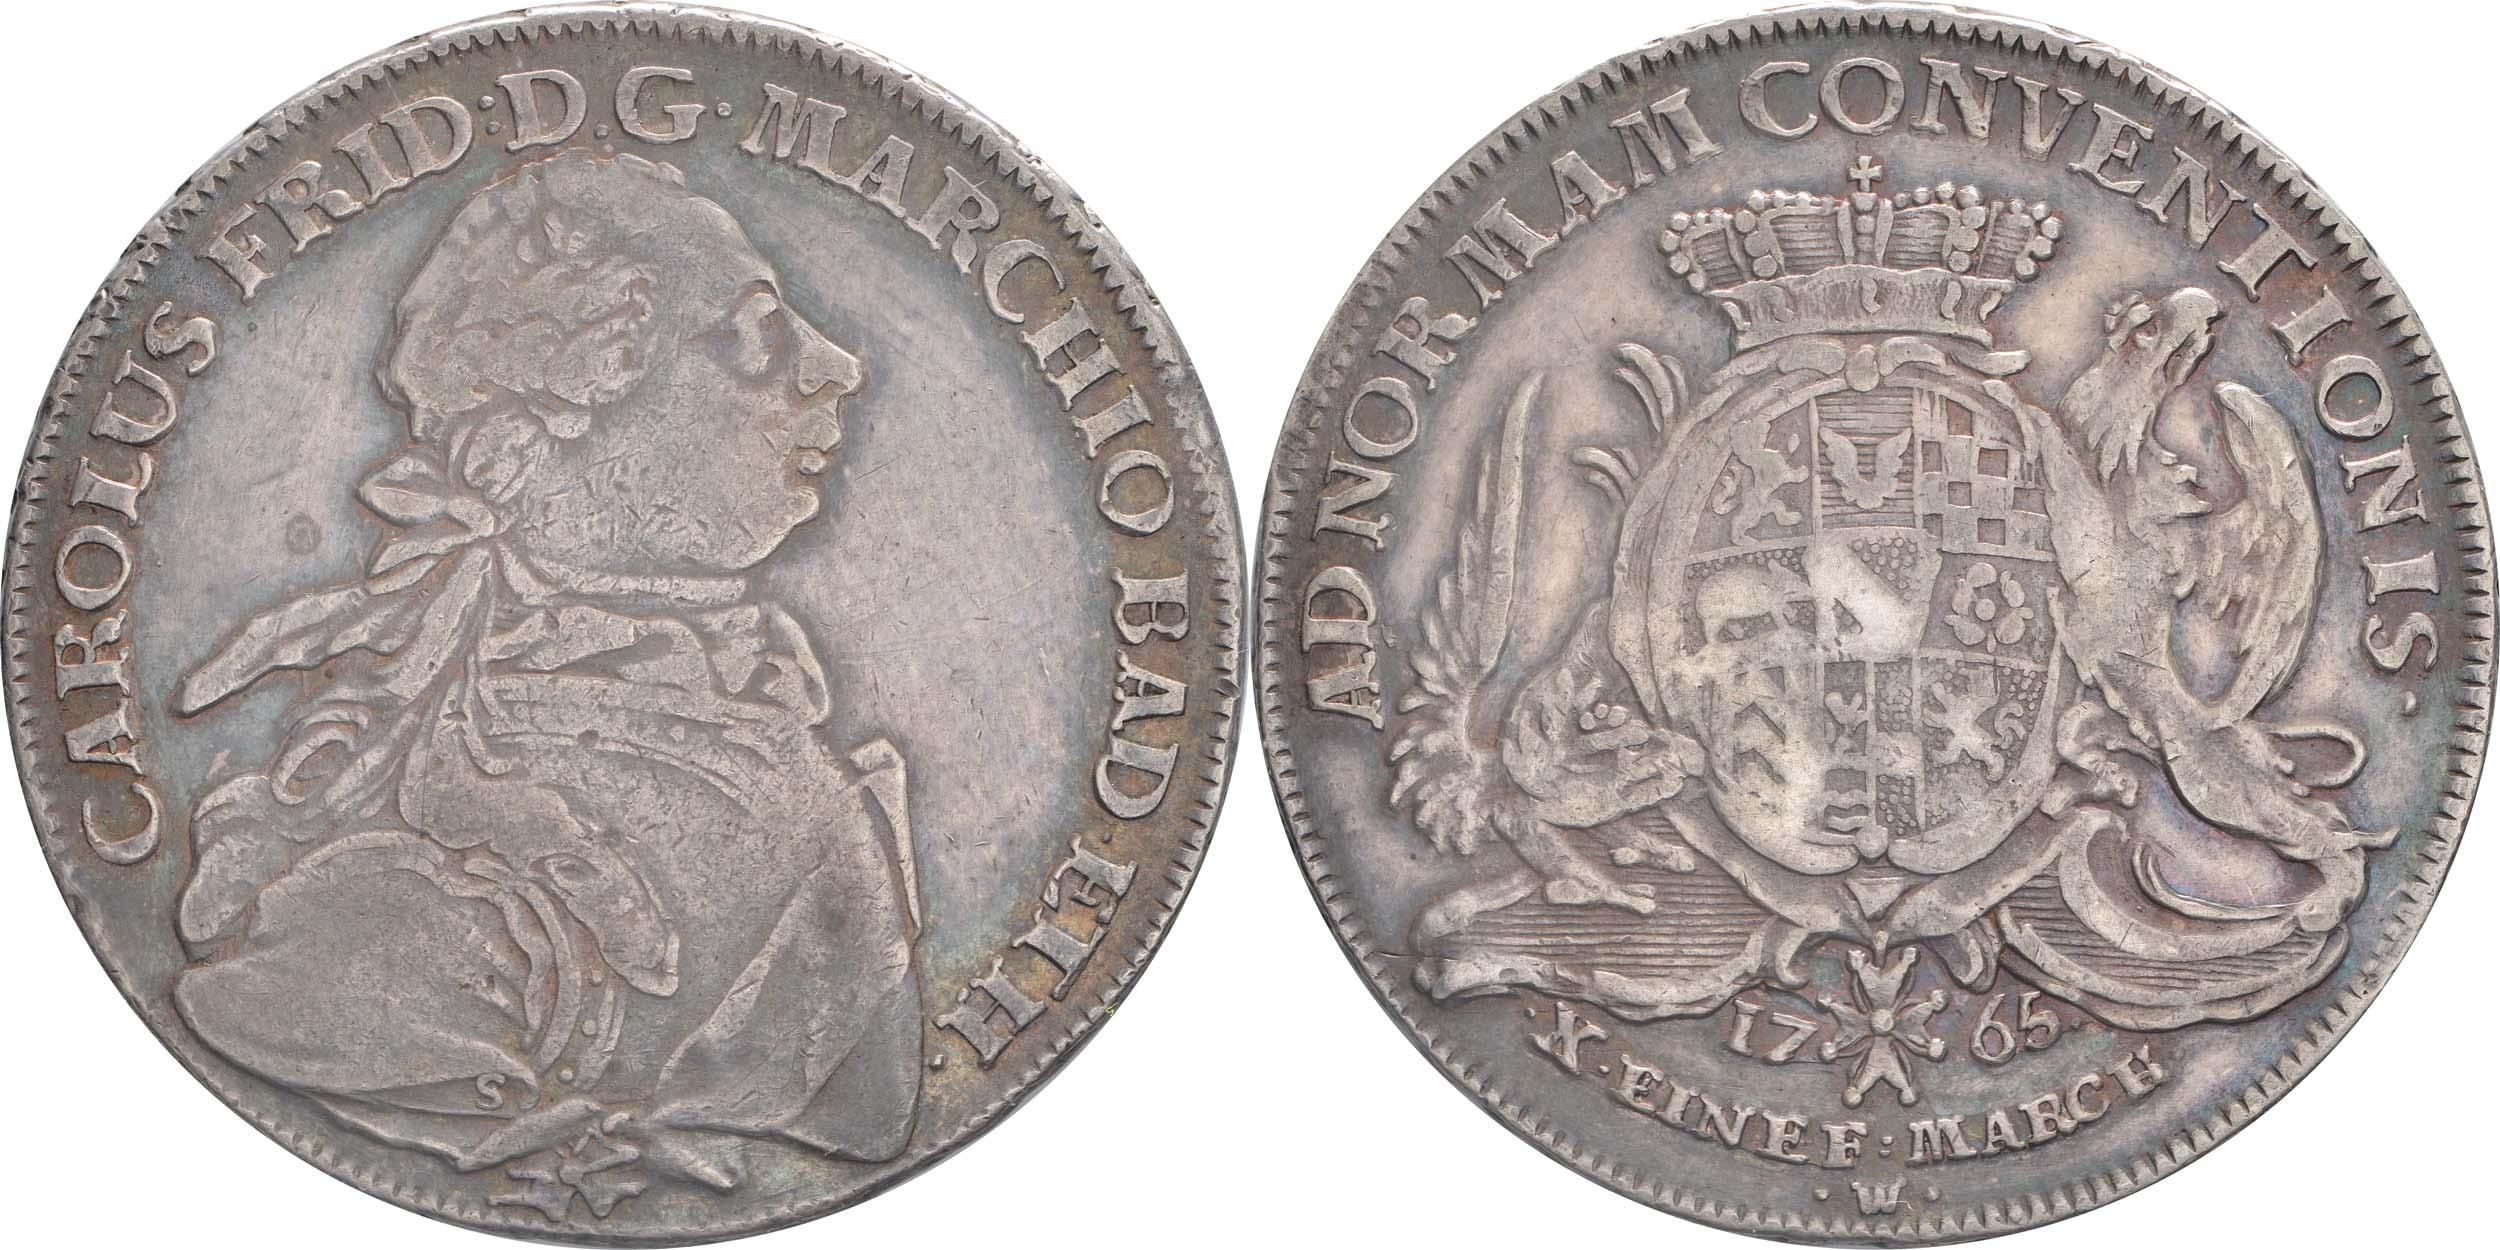 Lieferumfang:Deutschland : 1 Konventionstaler Karl Friedrich 1738 - 1800 patina 1765 vz.